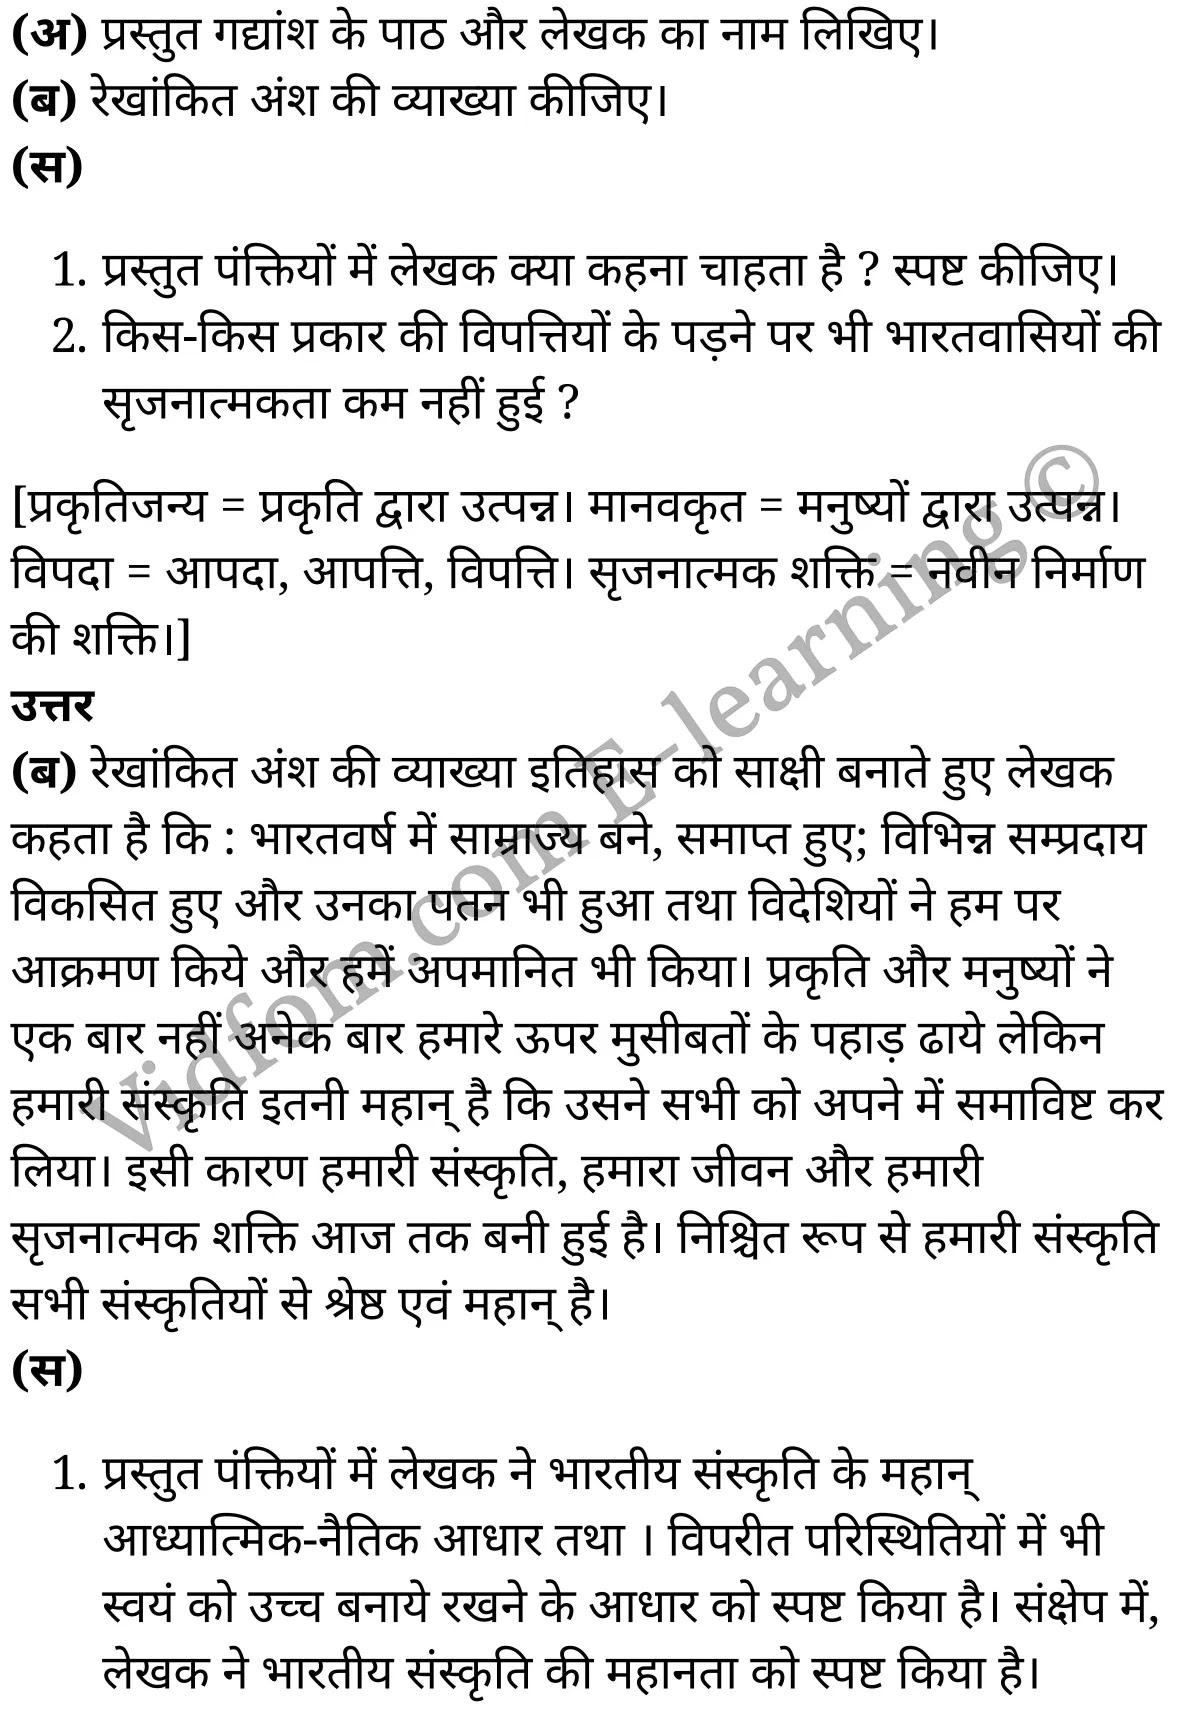 कक्षा 10 हिंदी  के नोट्स  हिंदी में एनसीईआरटी समाधान,     class 10 Hindi Gadya Chapter 4,   class 10 Hindi Gadya Chapter 4 ncert solutions in Hindi,   class 10 Hindi Gadya Chapter 4 notes in hindi,   class 10 Hindi Gadya Chapter 4 question answer,   class 10 Hindi Gadya Chapter 4 notes,   class 10 Hindi Gadya Chapter 4 class 10 Hindi Gadya Chapter 4 in  hindi,    class 10 Hindi Gadya Chapter 4 important questions in  hindi,   class 10 Hindi Gadya Chapter 4 notes in hindi,    class 10 Hindi Gadya Chapter 4 test,   class 10 Hindi Gadya Chapter 4 pdf,   class 10 Hindi Gadya Chapter 4 notes pdf,   class 10 Hindi Gadya Chapter 4 exercise solutions,   class 10 Hindi Gadya Chapter 4 notes study rankers,   class 10 Hindi Gadya Chapter 4 notes,    class 10 Hindi Gadya Chapter 4  class 10  notes pdf,   class 10 Hindi Gadya Chapter 4 class 10  notes  ncert,   class 10 Hindi Gadya Chapter 4 class 10 pdf,   class 10 Hindi Gadya Chapter 4  book,   class 10 Hindi Gadya Chapter 4 quiz class 10  ,   कक्षा 10 भारतीय संस्कृति,  कक्षा 10 भारतीय संस्कृति  के नोट्स हिंदी में,  कक्षा 10 भारतीय संस्कृति प्रश्न उत्तर,  कक्षा 10 भारतीय संस्कृति के नोट्स,  10 कक्षा भारतीय संस्कृति  हिंदी में, कक्षा 10 भारतीय संस्कृति  हिंदी में,  कक्षा 10 भारतीय संस्कृति  महत्वपूर्ण प्रश्न हिंदी में, कक्षा 10 हिंदी के नोट्स  हिंदी में, भारतीय संस्कृति हिंदी में कक्षा 10 नोट्स pdf,    भारतीय संस्कृति हिंदी में  कक्षा 10 नोट्स 2021 ncert,   भारतीय संस्कृति हिंदी  कक्षा 10 pdf,   भारतीय संस्कृति हिंदी में  पुस्तक,   भारतीय संस्कृति हिंदी में की बुक,   भारतीय संस्कृति हिंदी में  प्रश्नोत्तरी class 10 ,  10   वीं भारतीय संस्कृति  पुस्तक up board,   बिहार बोर्ड 10  पुस्तक वीं भारतीय संस्कृति नोट्स,    भारतीय संस्कृति  कक्षा 10 नोट्स 2021 ncert,   भारतीय संस्कृति  कक्षा 10 pdf,   भारतीय संस्कृति  पुस्तक,   भारतीय संस्कृति की बुक,   भारतीय संस्कृति प्रश्नोत्तरी class 10,   10  th class 10 Hindi Gadya Chapter 4  book up board,   up board 10  th class 10 Hindi Gadya Chapter 4 notes,  class 10 Hindi,   class 10 Hindi nc